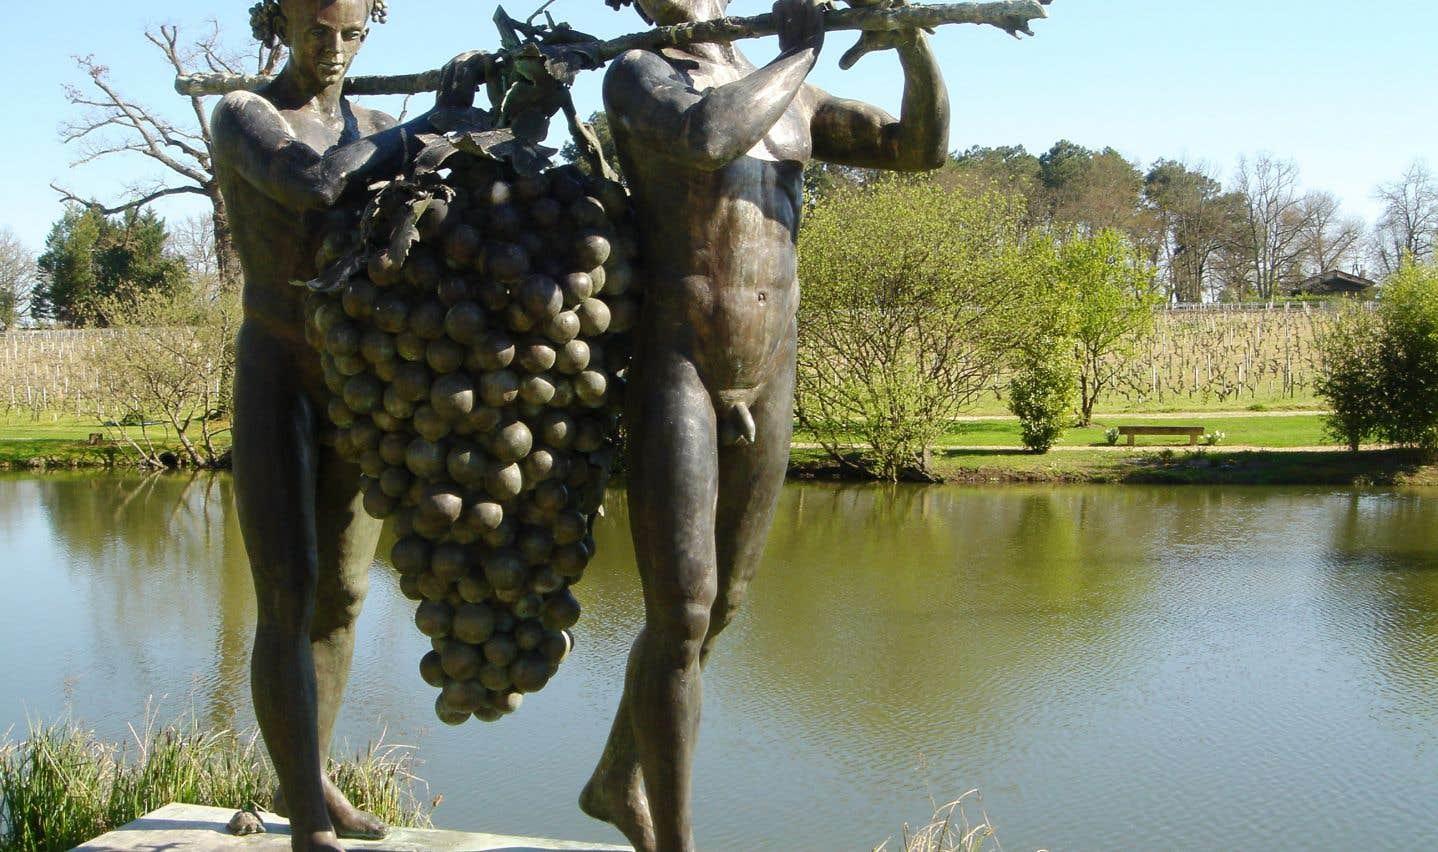 Les différences de goût sont-elles à ce point évidentes entre un vin plus commercial et d'un grosvolume et un autre plus ciblé et moins ambitieux côté production?